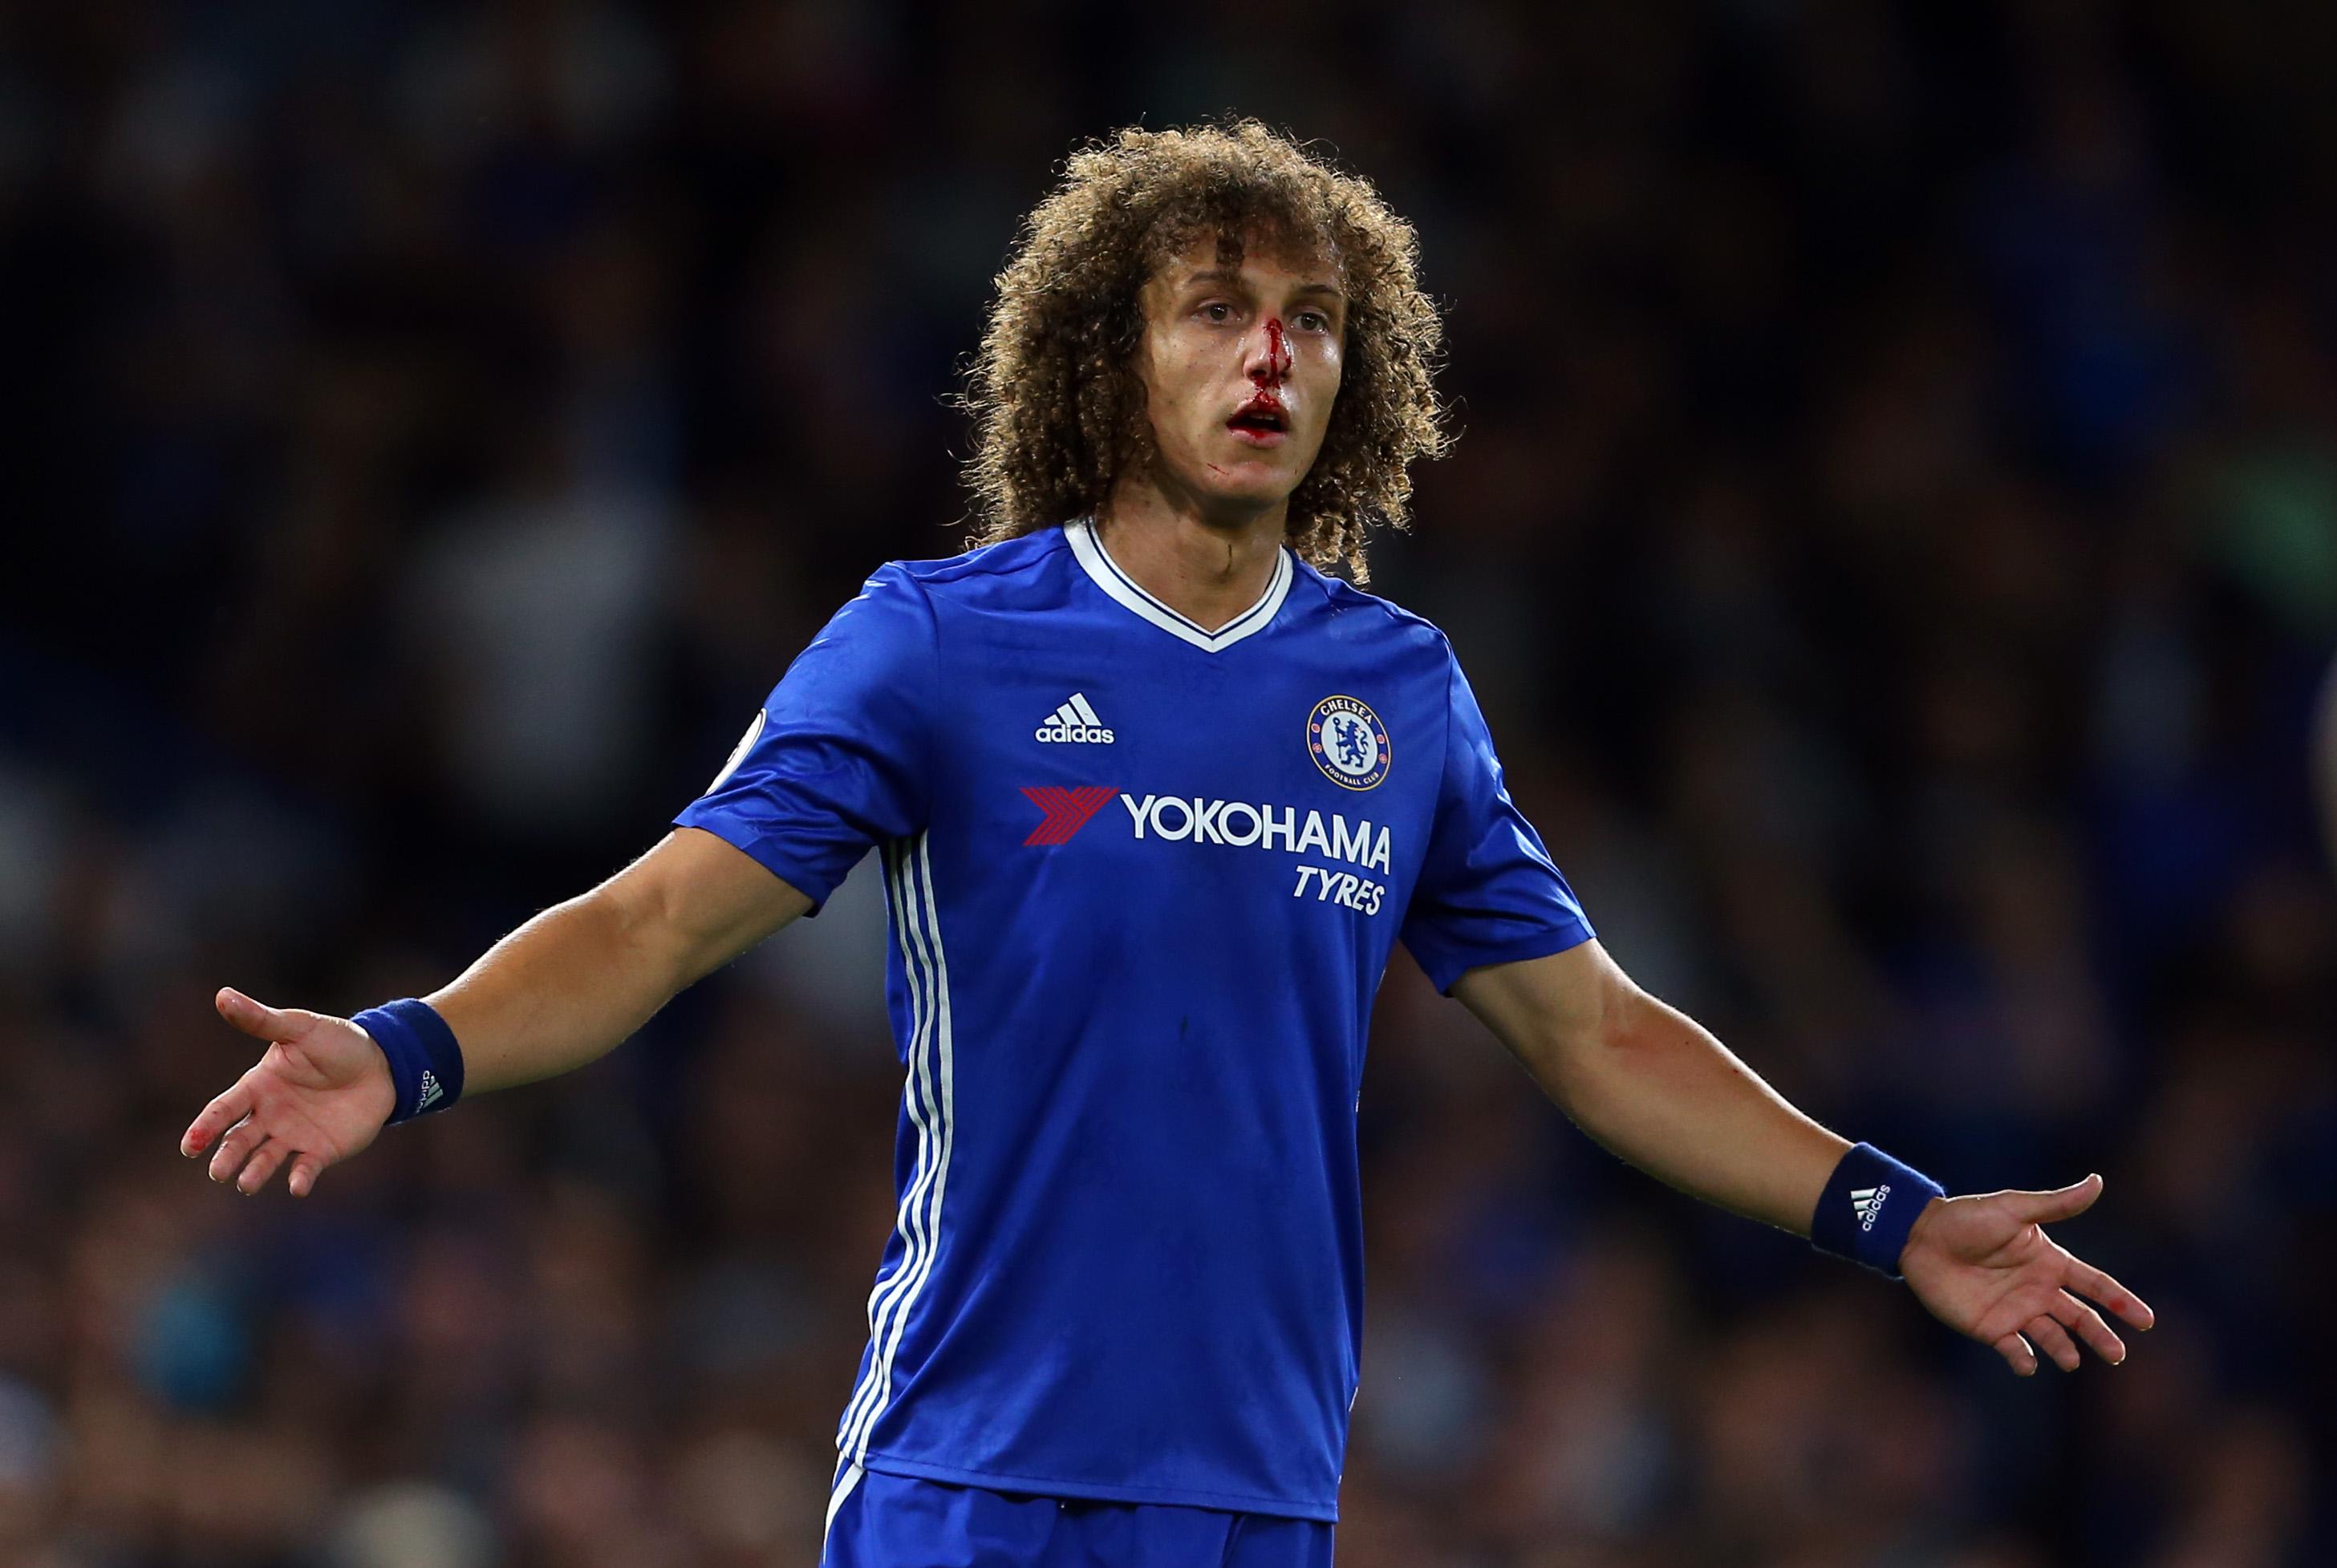 David Luiz pushed for his Chelsea return, claims his agent Kia Joorabchian